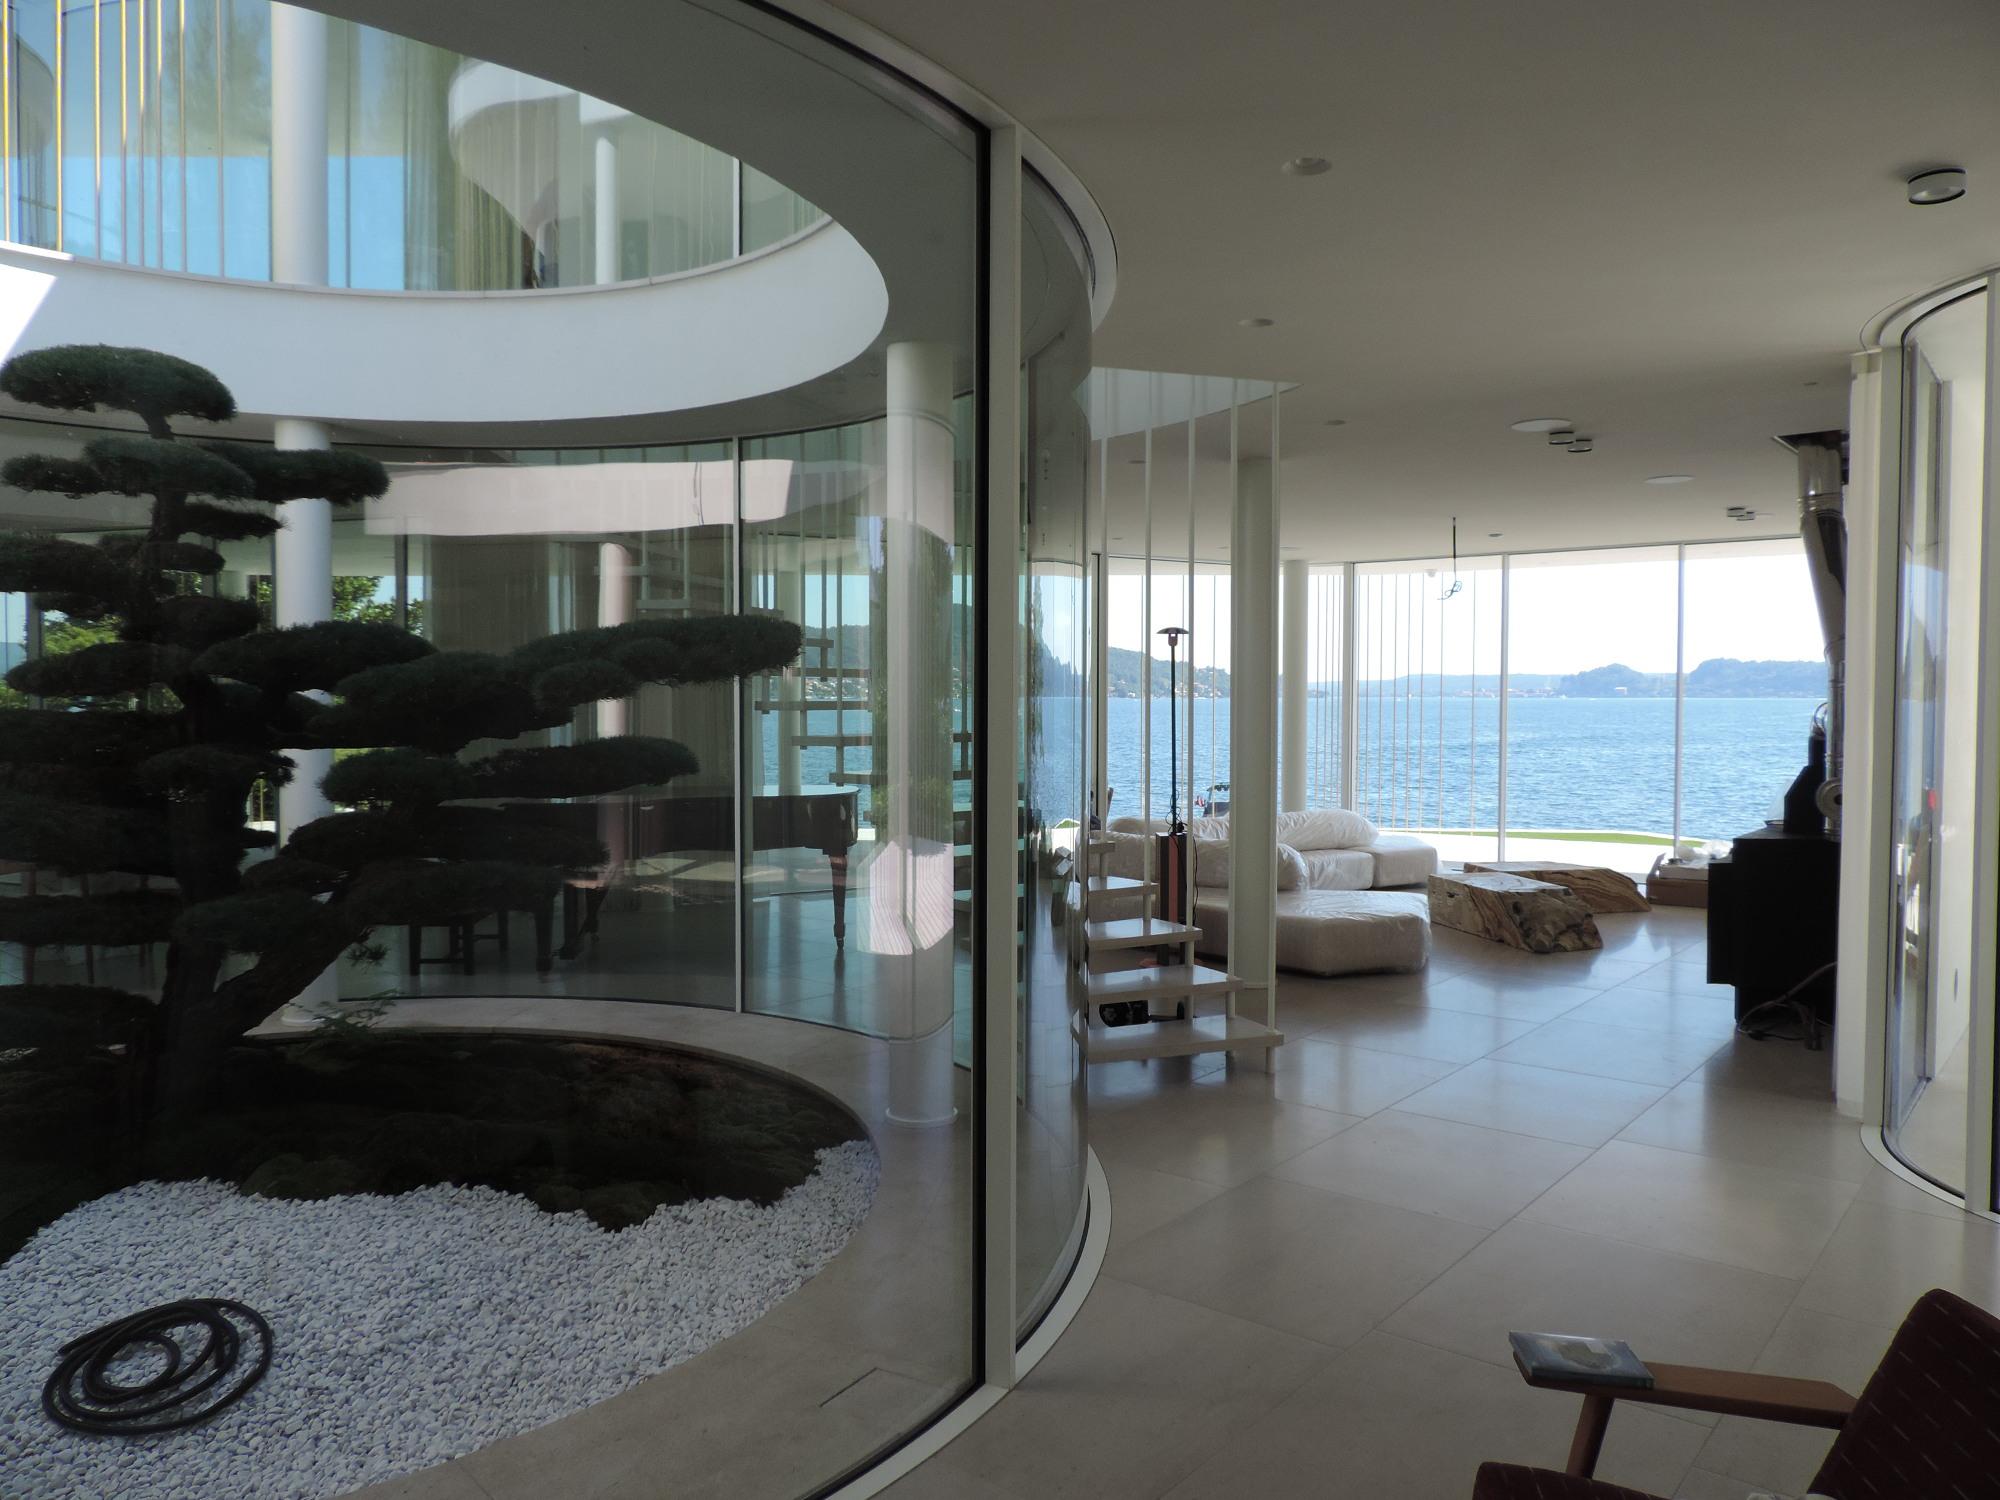 0718_RobertoManzetti-Architetto-NeuHouse-17